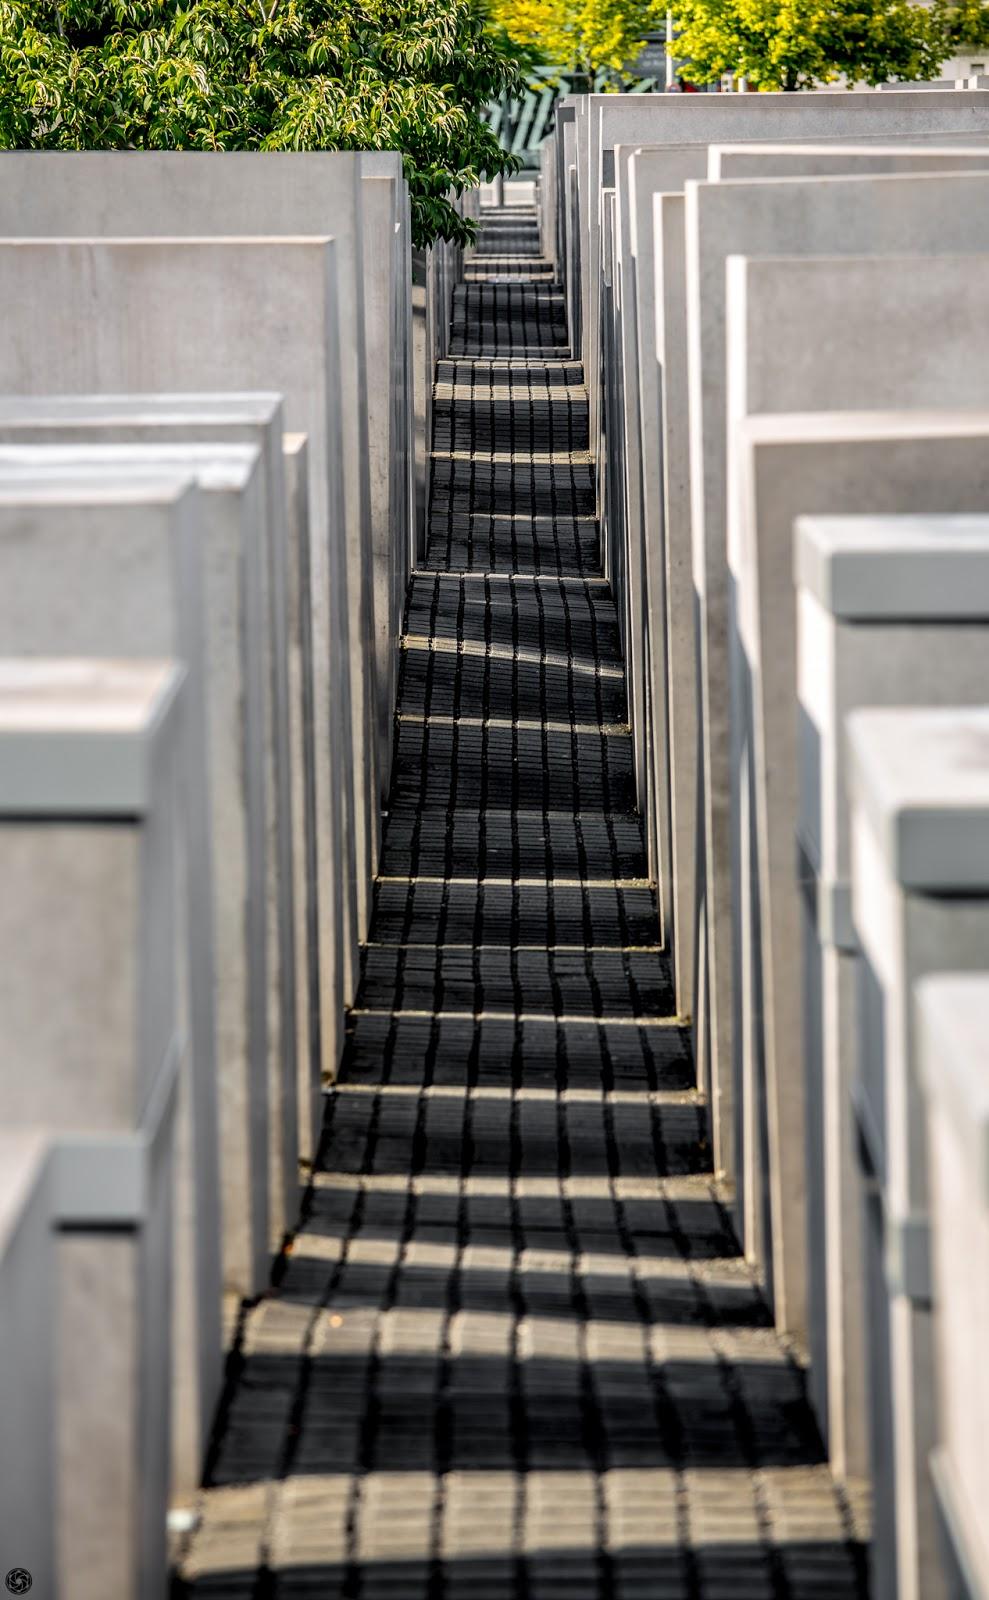 Monumento en memoria del holocausto judío en Berlín :: Canon EOS5D MkIII | ISO100 | Canon70-200 @150mm | f/4.5 | 1/100s